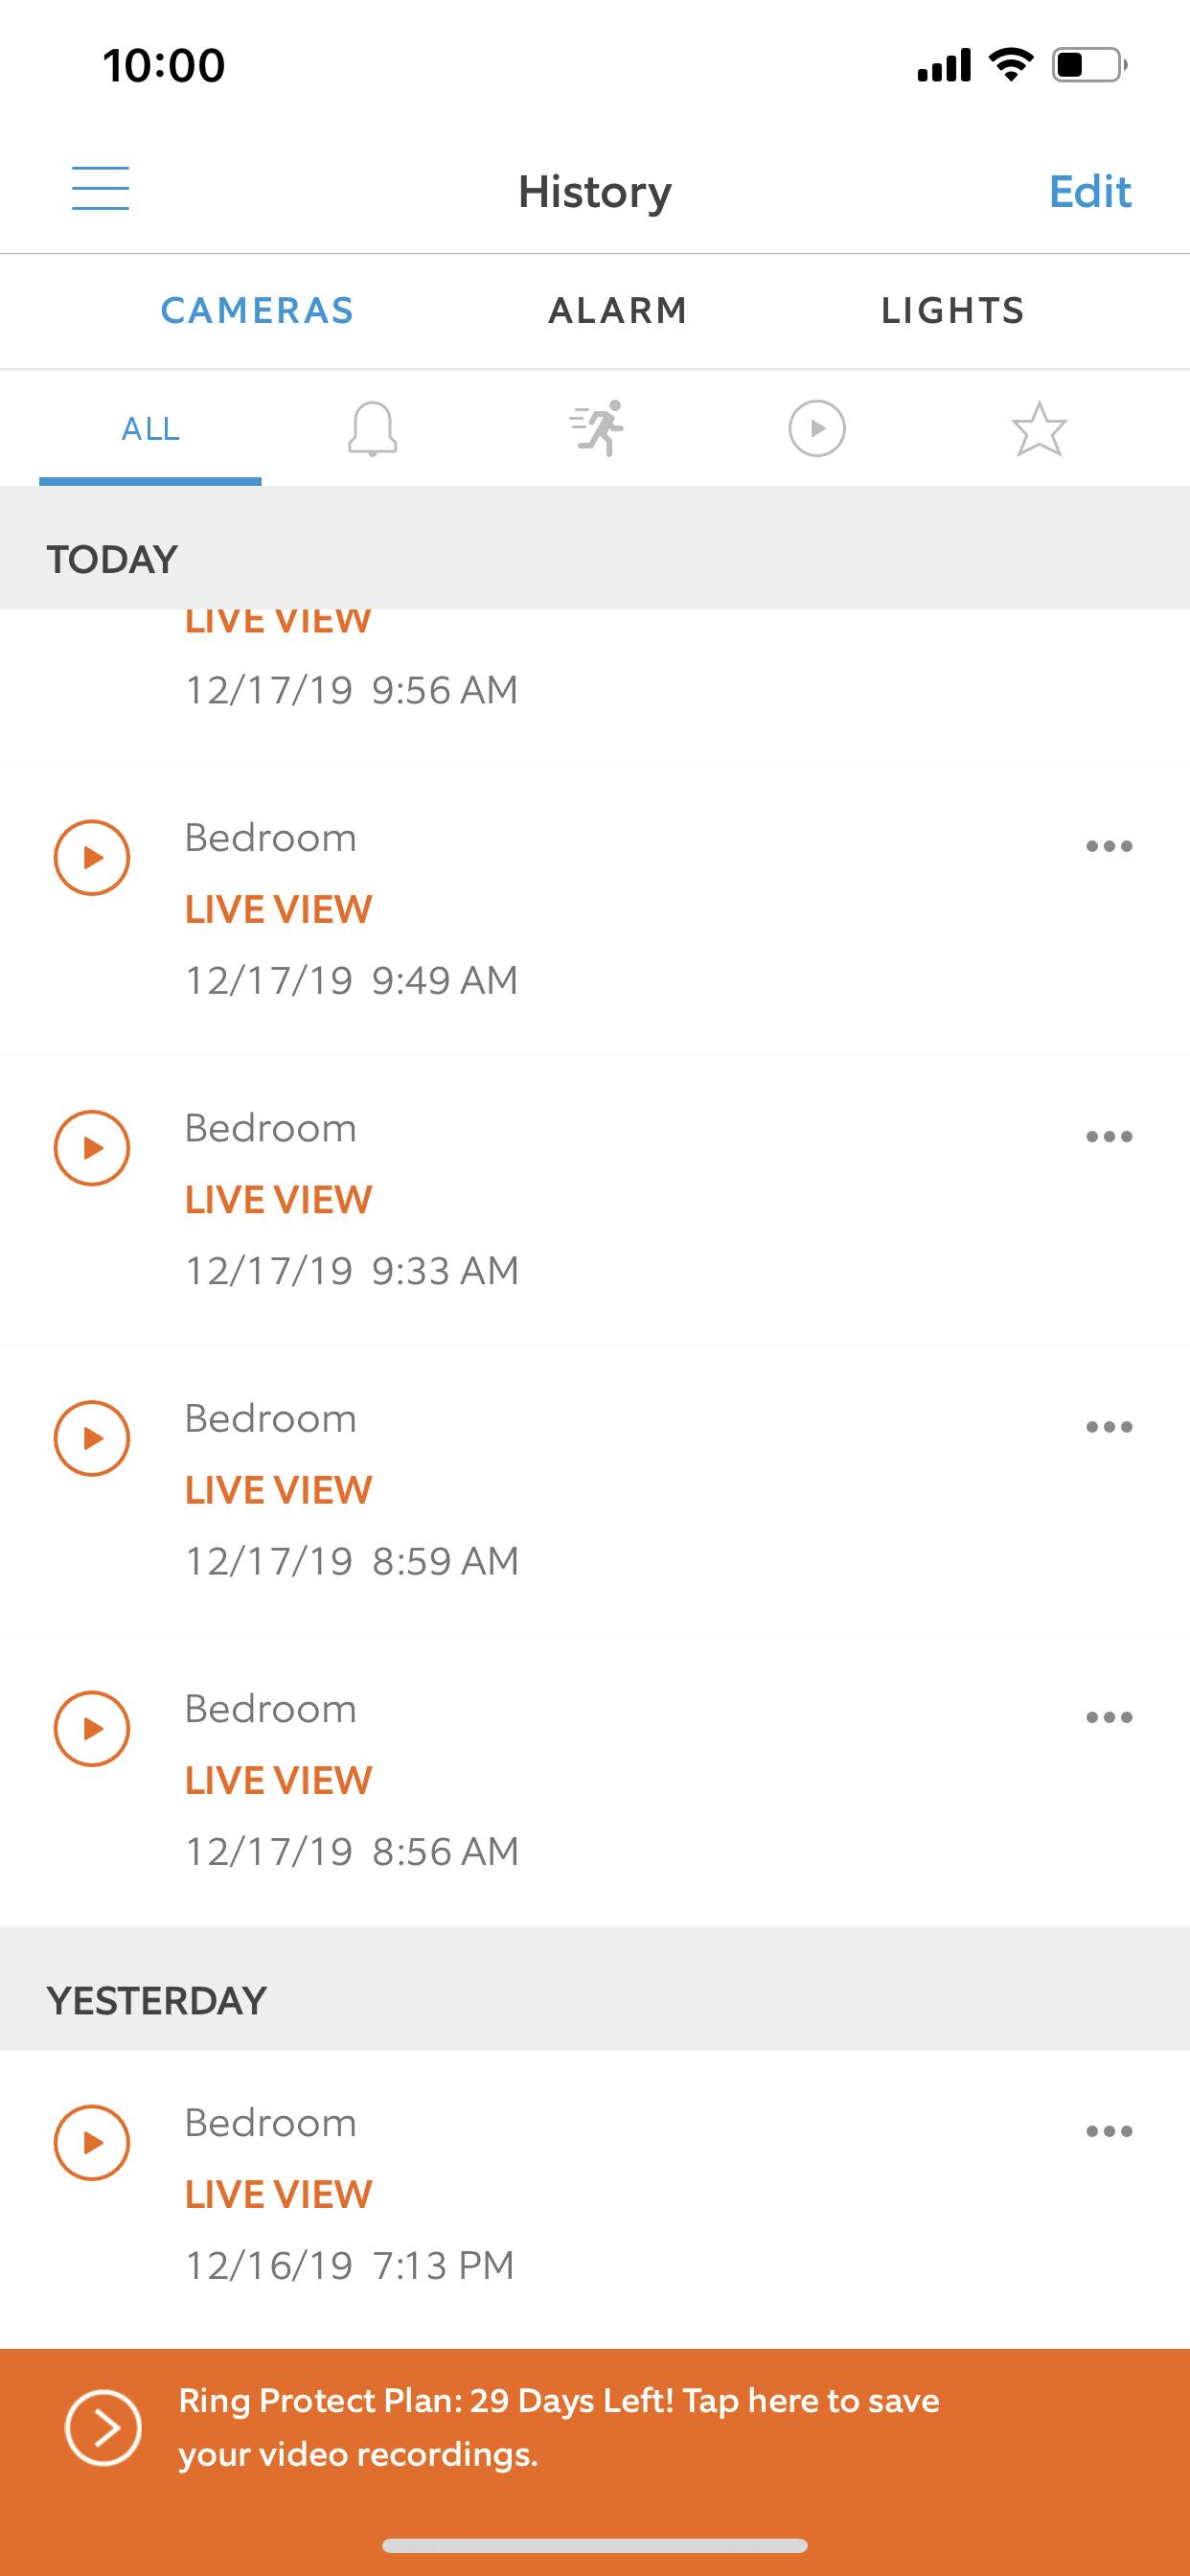 Lista de videos guardados dentro del App de Ring